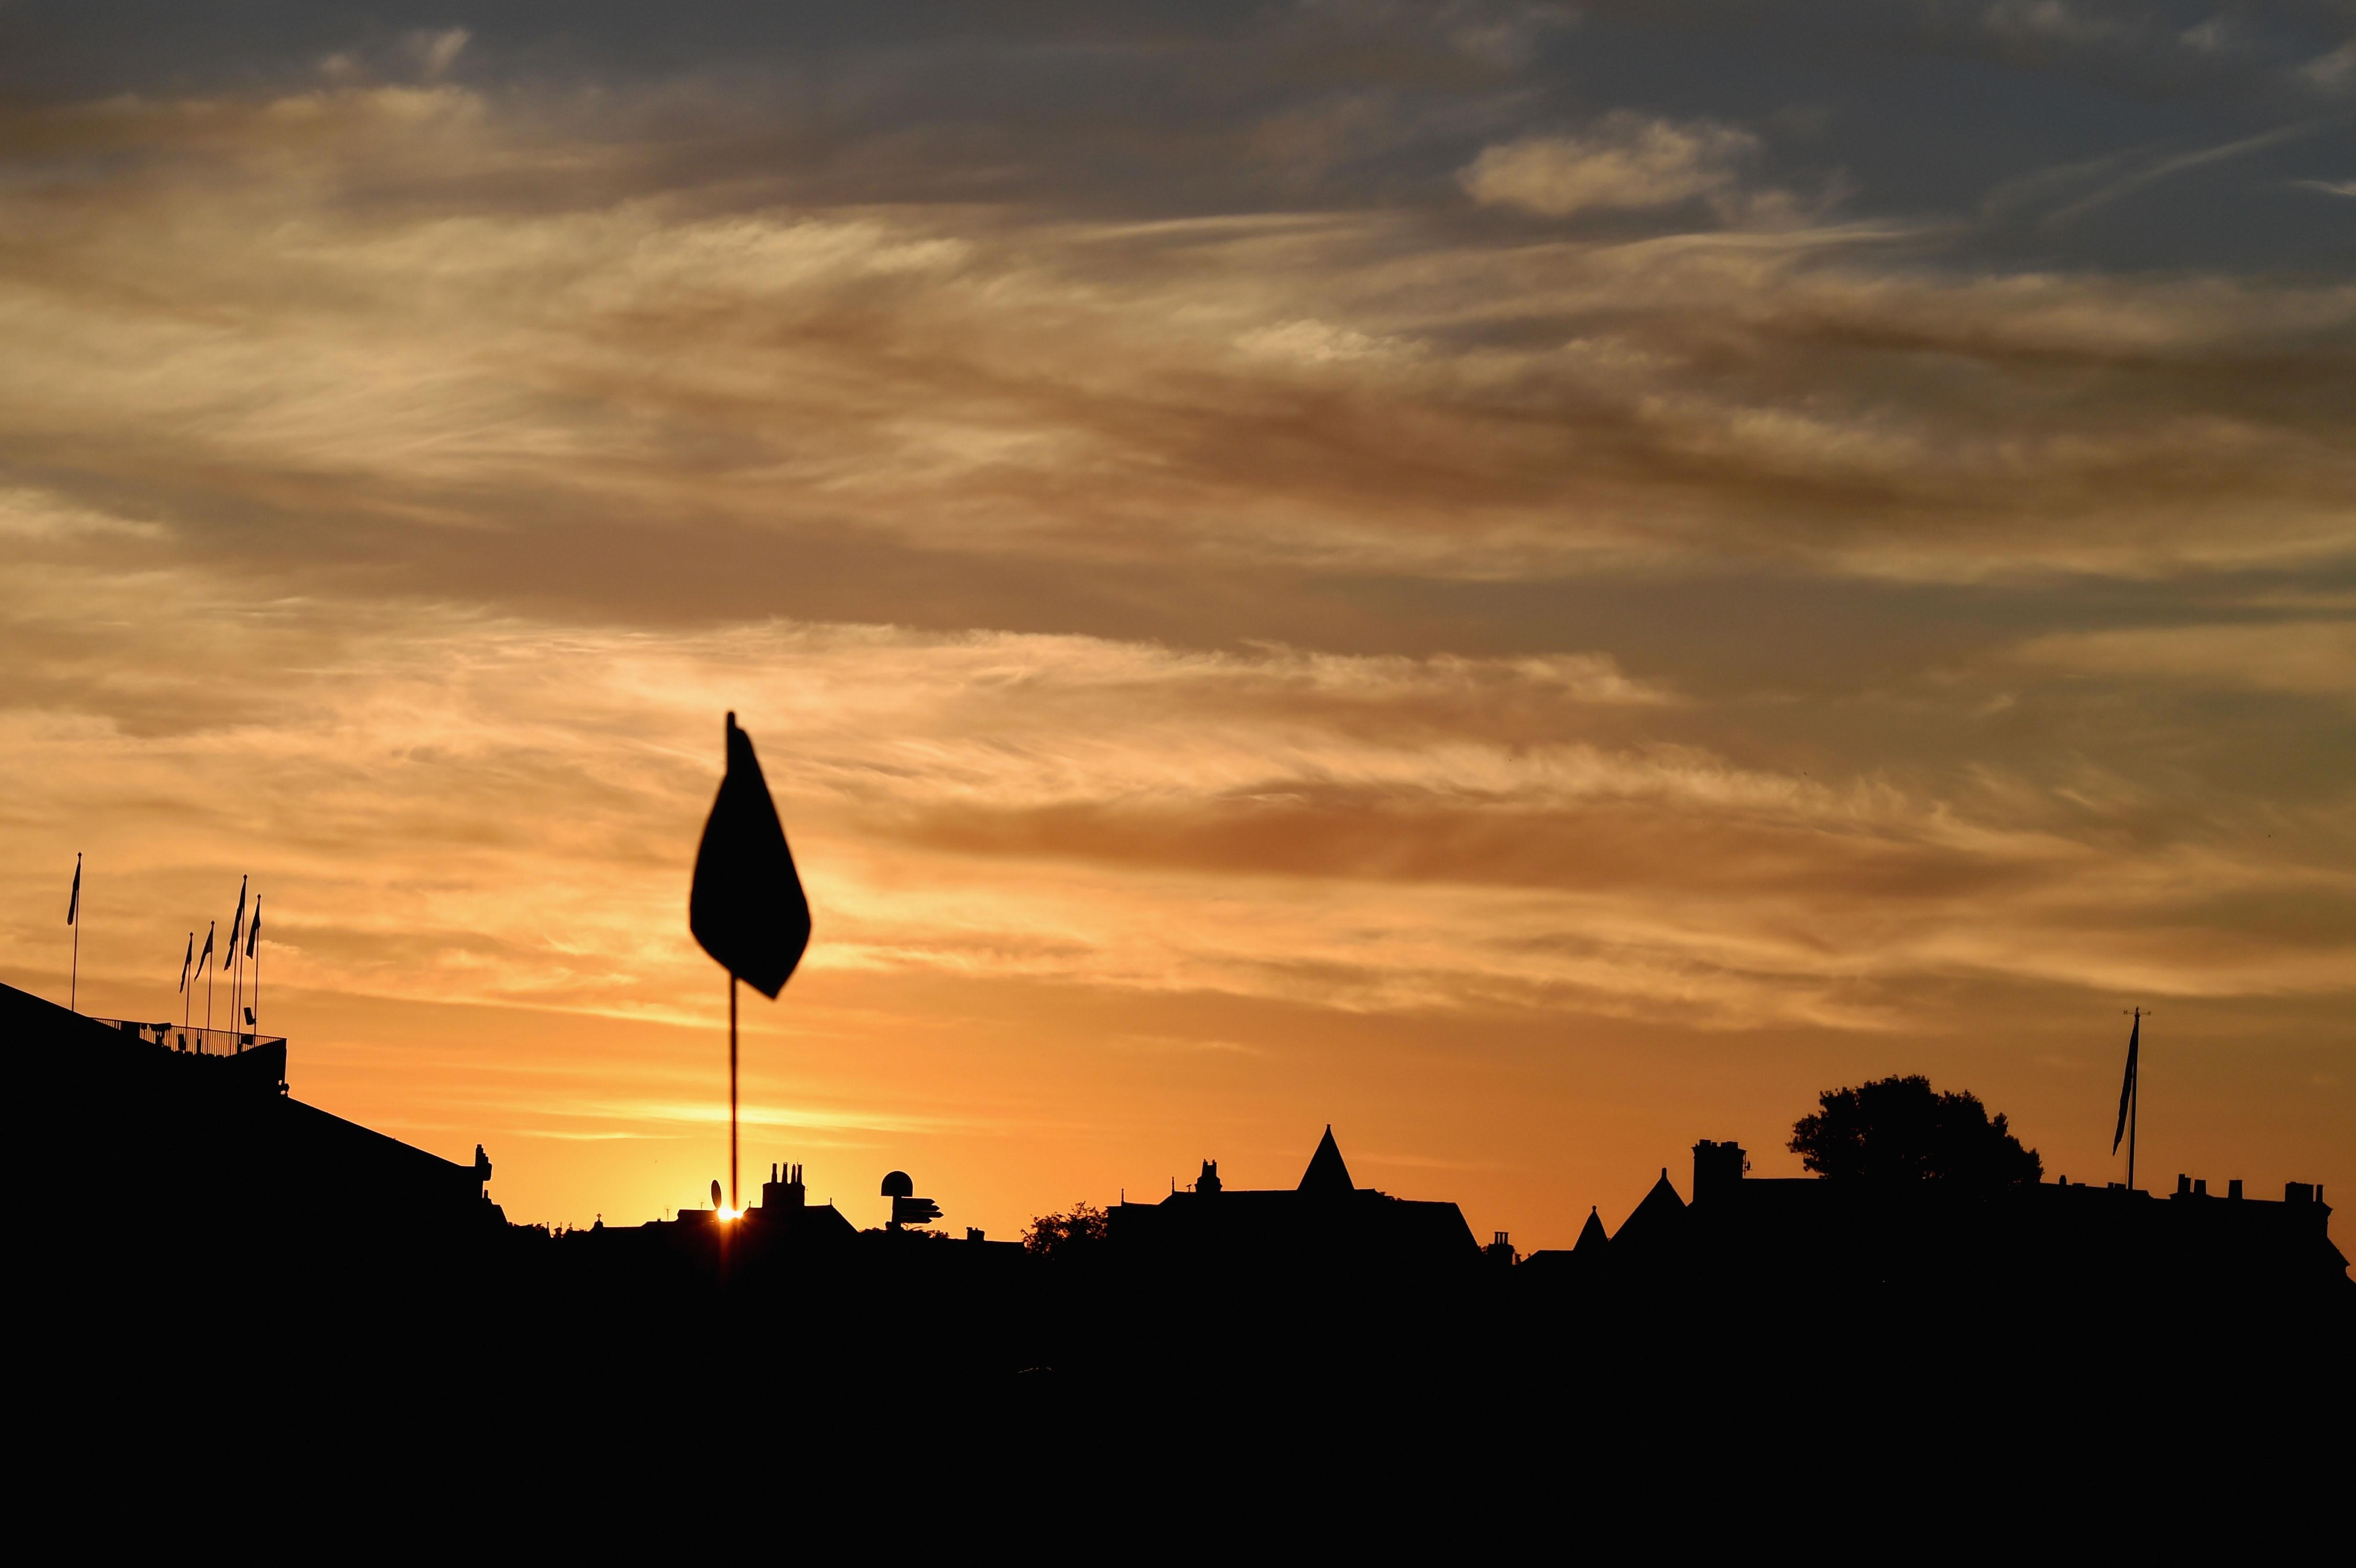 Sunrise at Hoylake